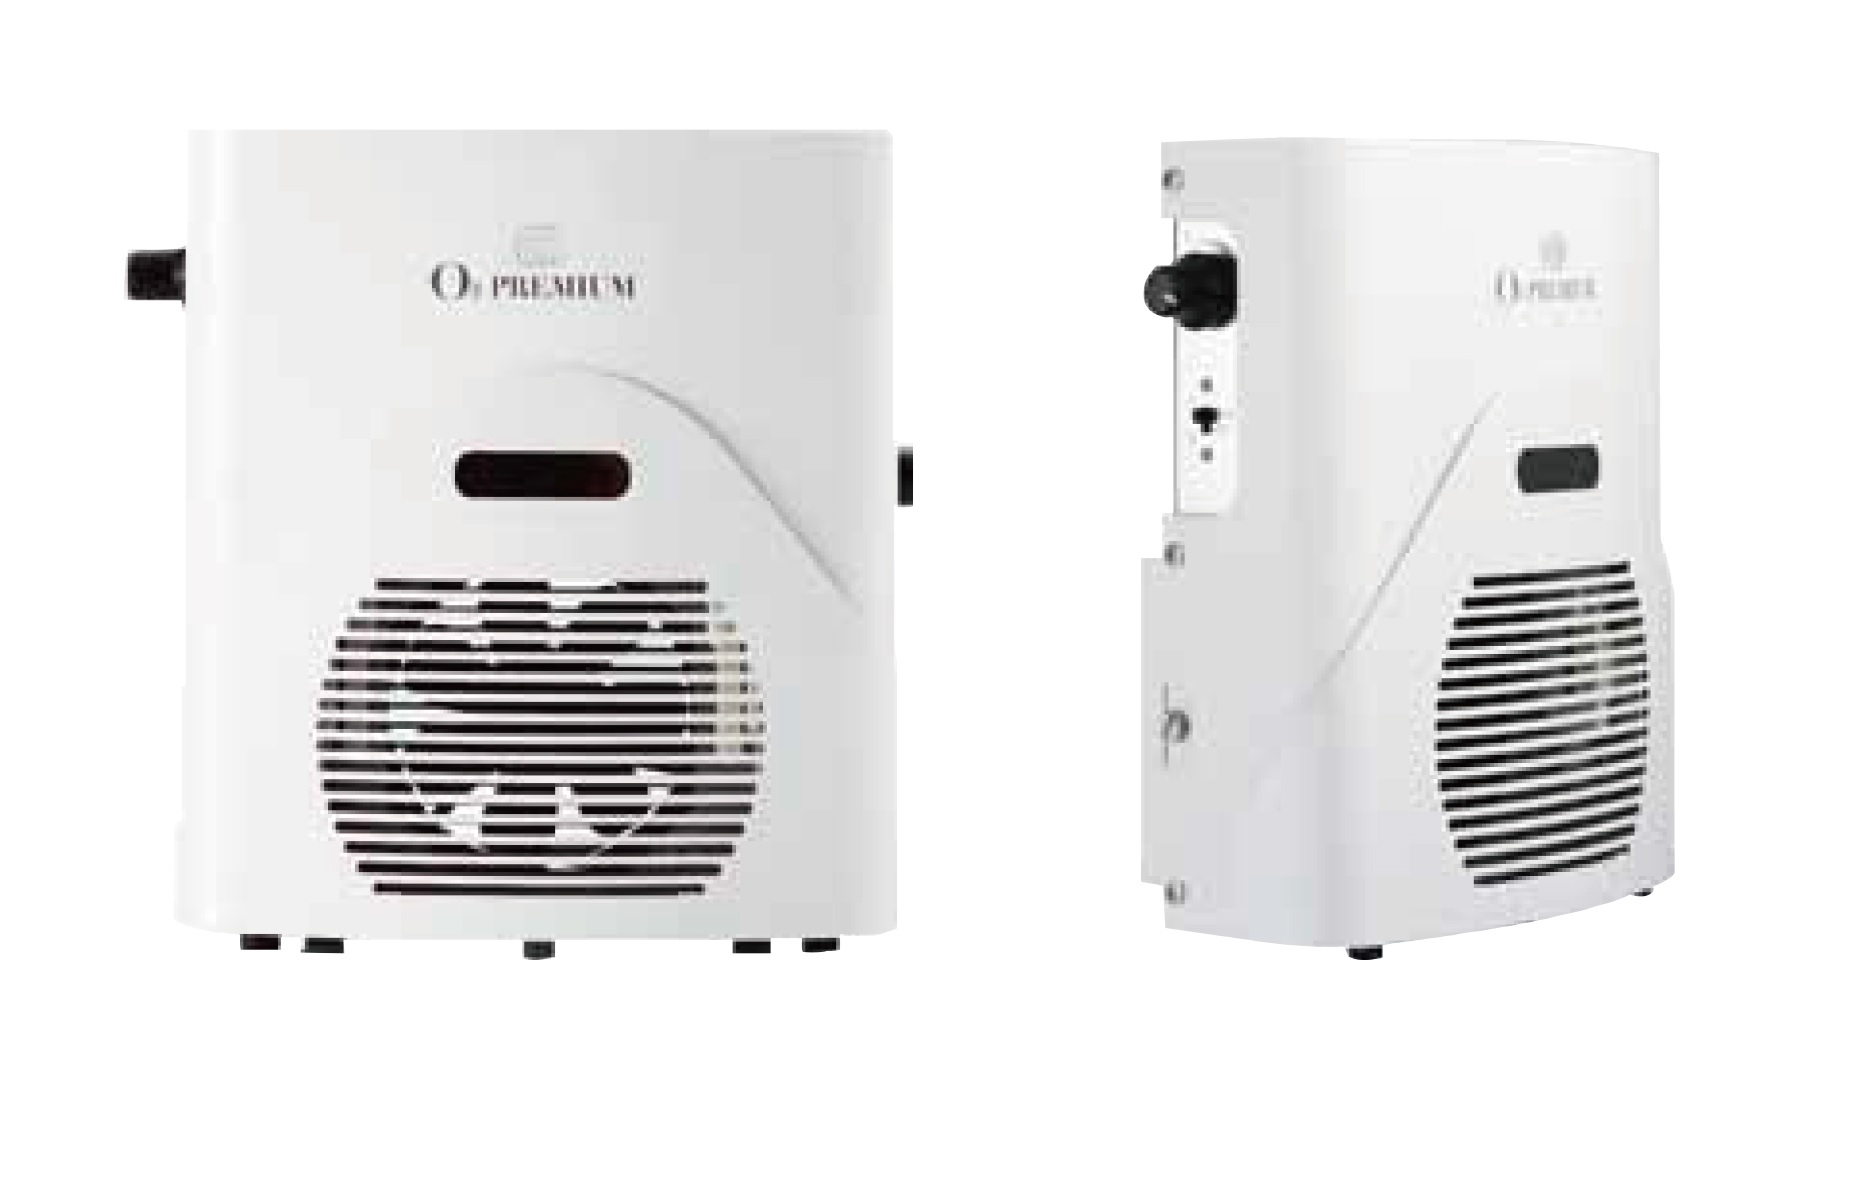 オゾン発生器「O3 PREMIUM」(オースリープレミアム)の写真